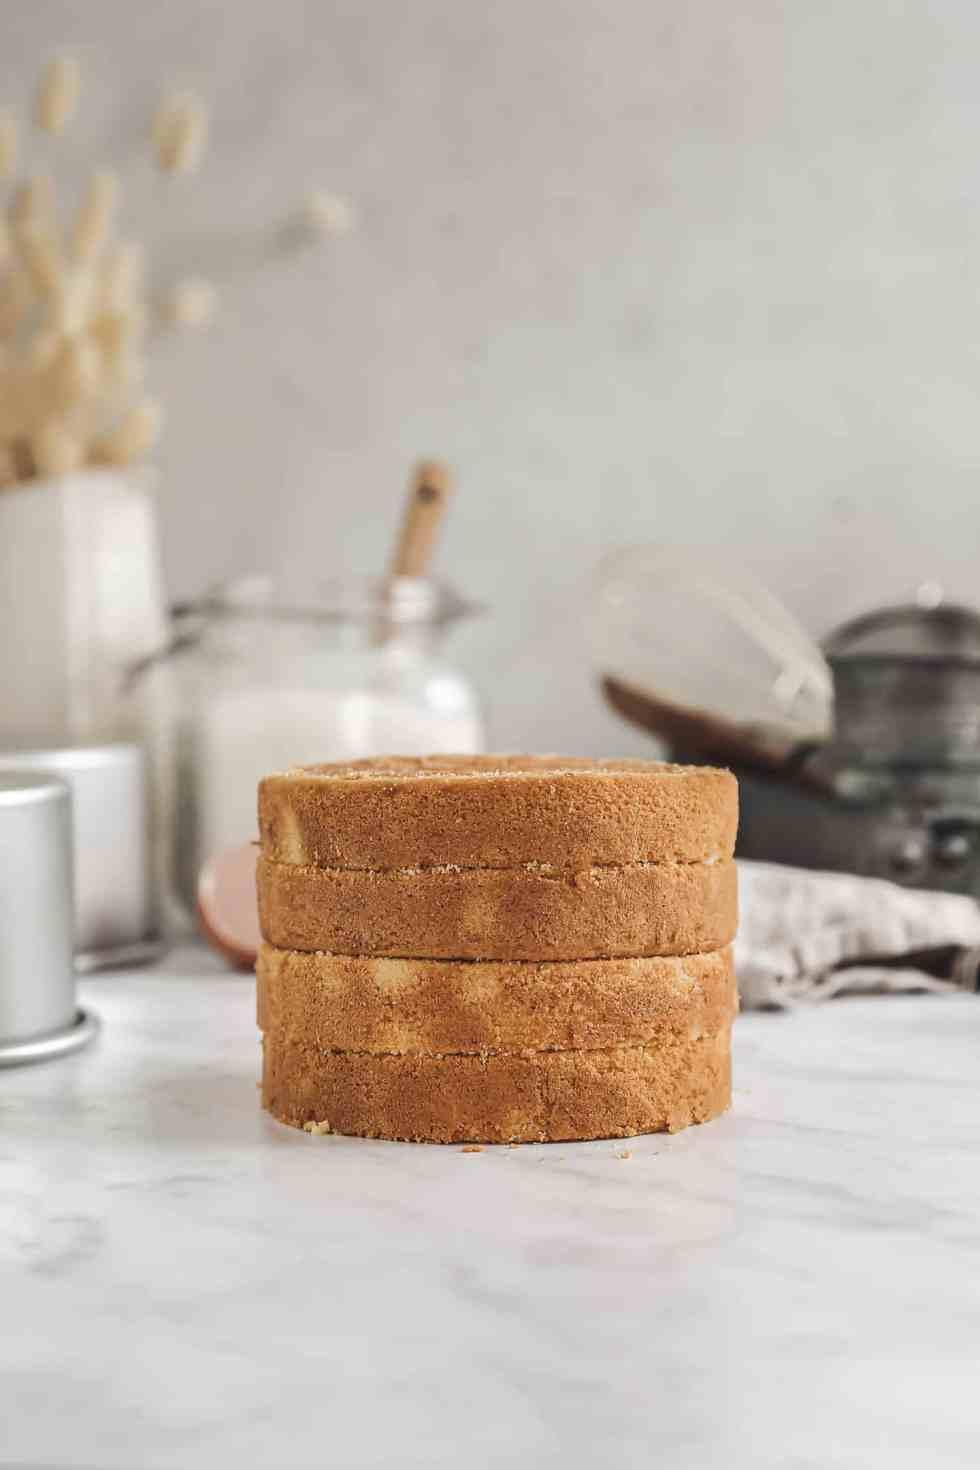 victoria's cake recipe